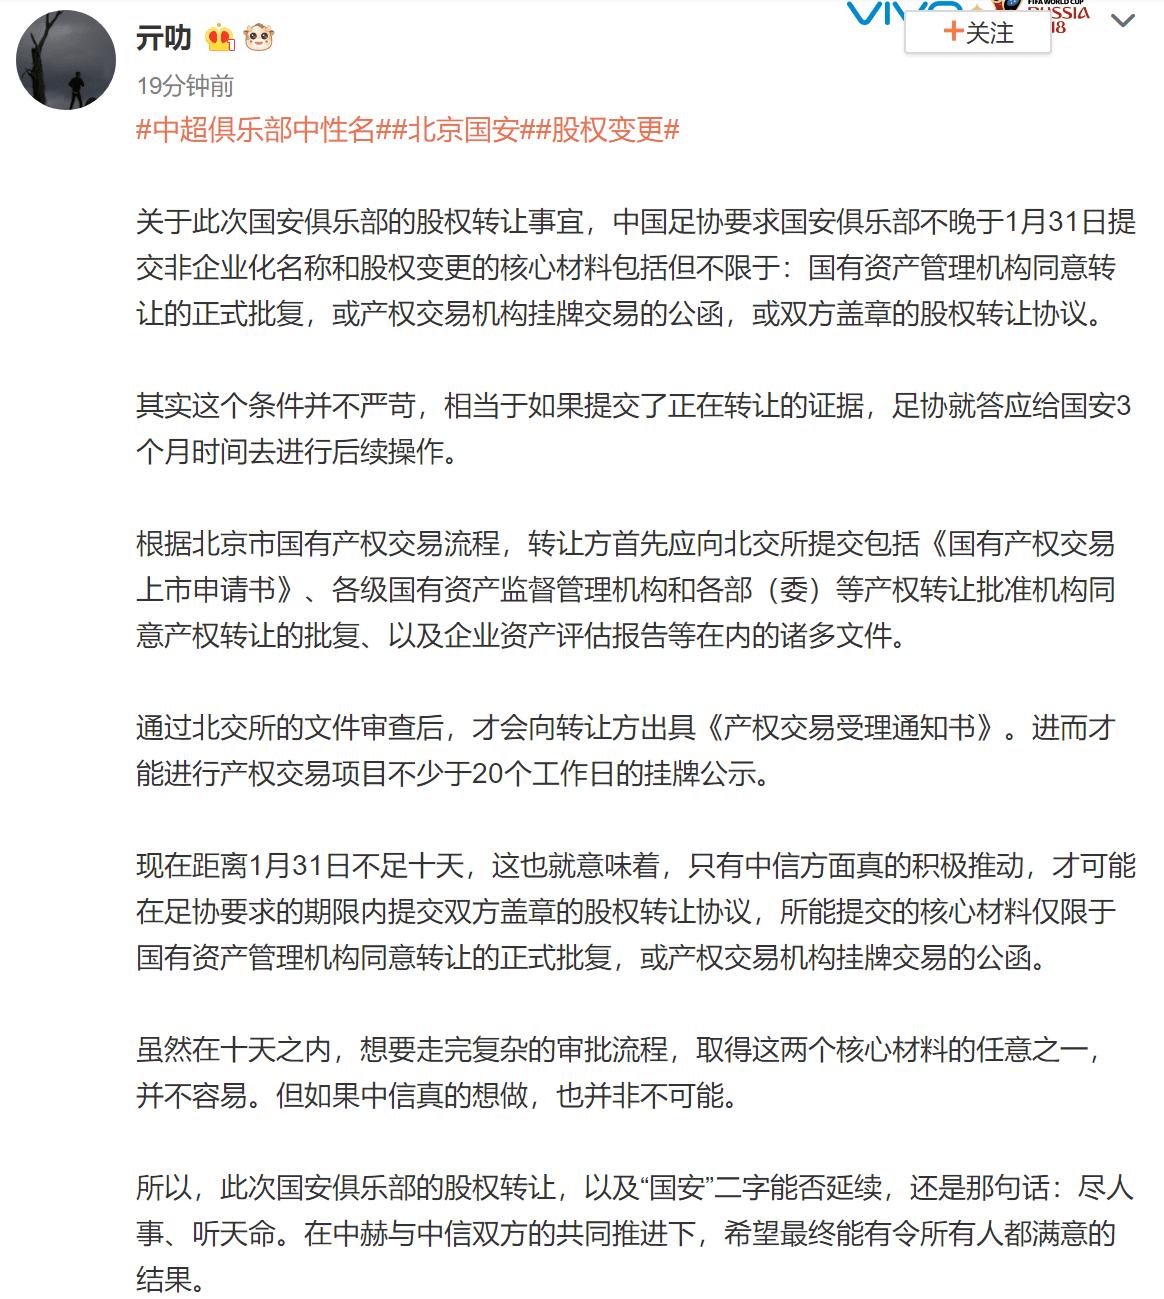 记者:足协要求国安提交材料的条件不严苛 需中信积极推动